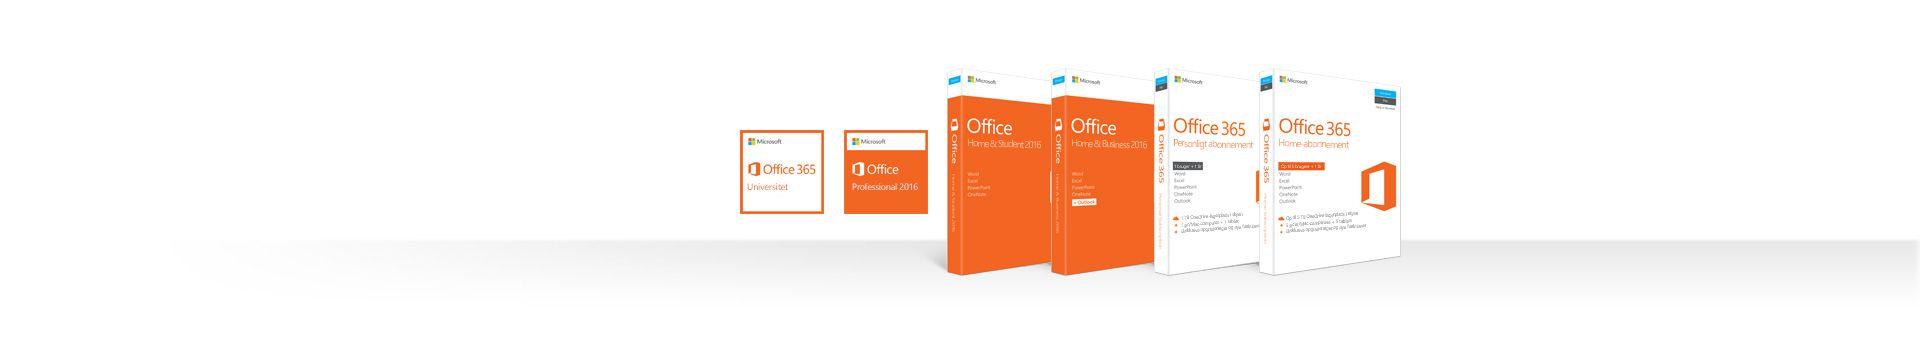 En række felter, der repræsenterer Office-abonnement og enkeltstående produkter til pc